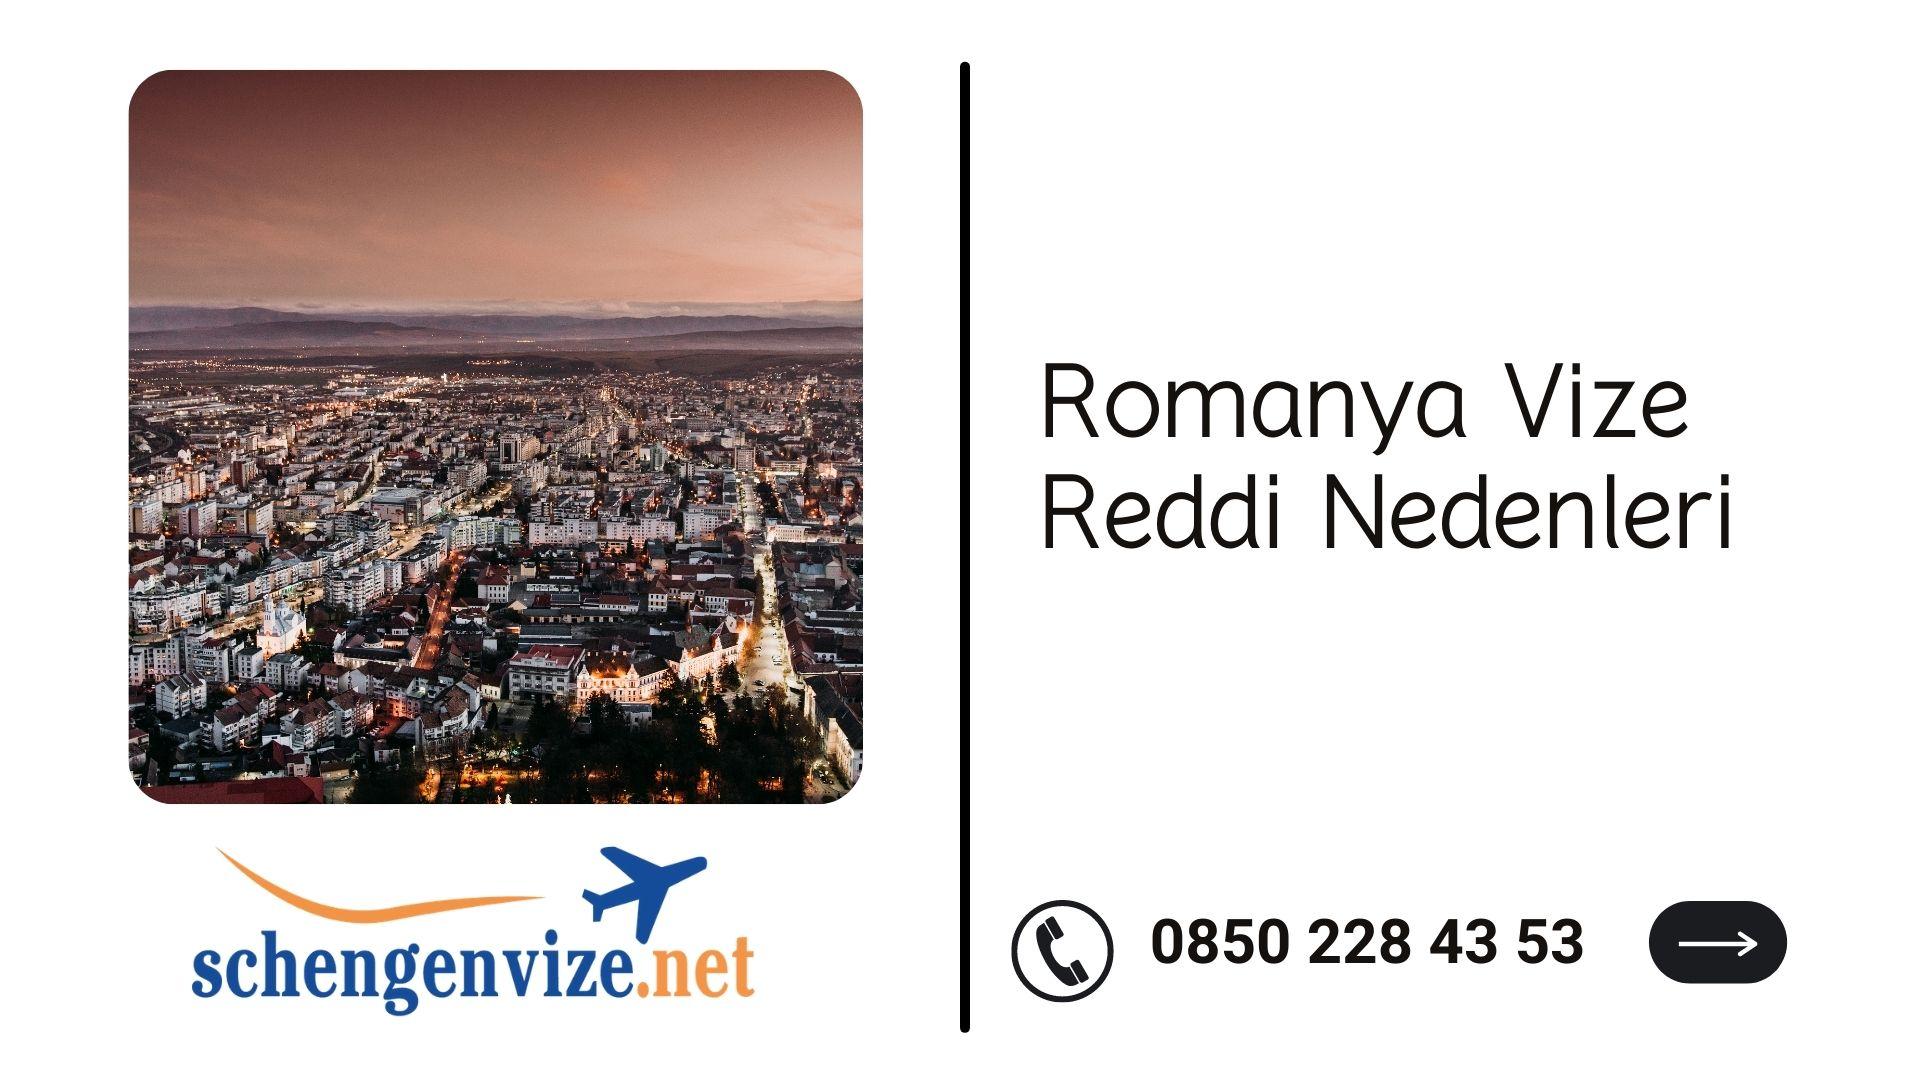 Romanya Vize Reddi Nedenleri